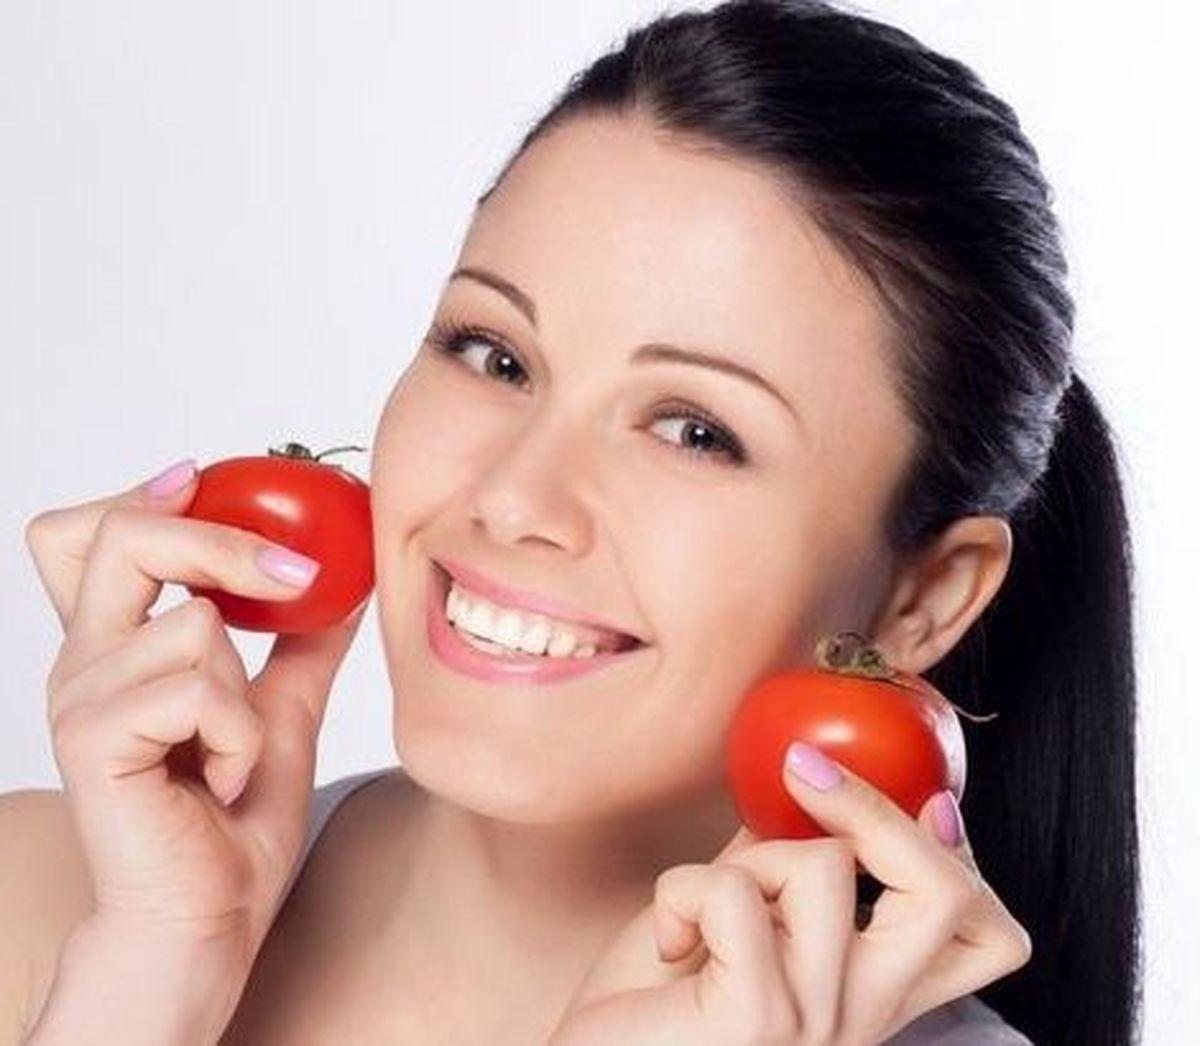 با این روش و کمک گوجه فرنگی ریزش موی خود را درمان کنید